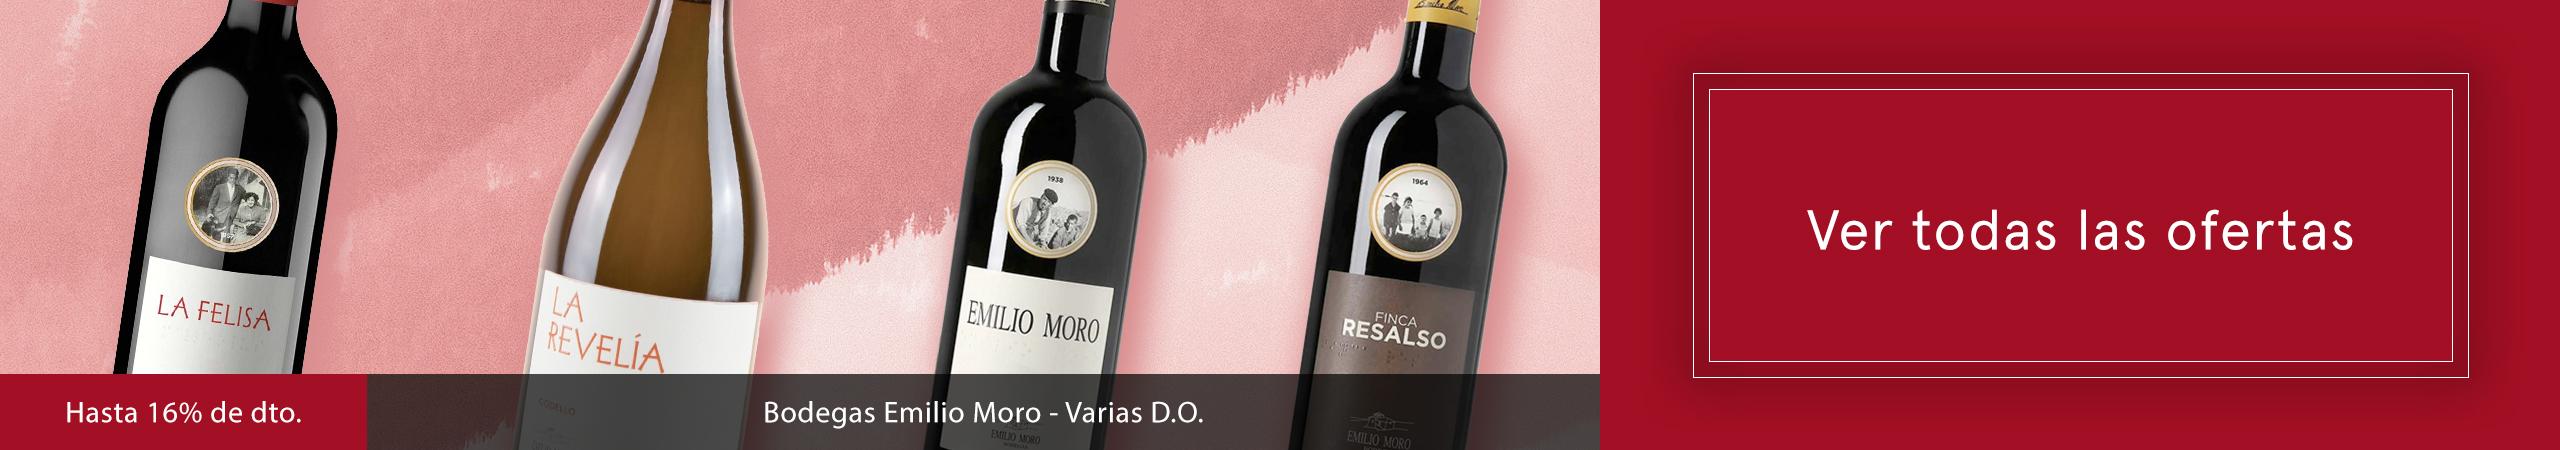 Hasta 16% de dto - Bodega Emilio Toro - Varias D.O. - Ver más ofertas